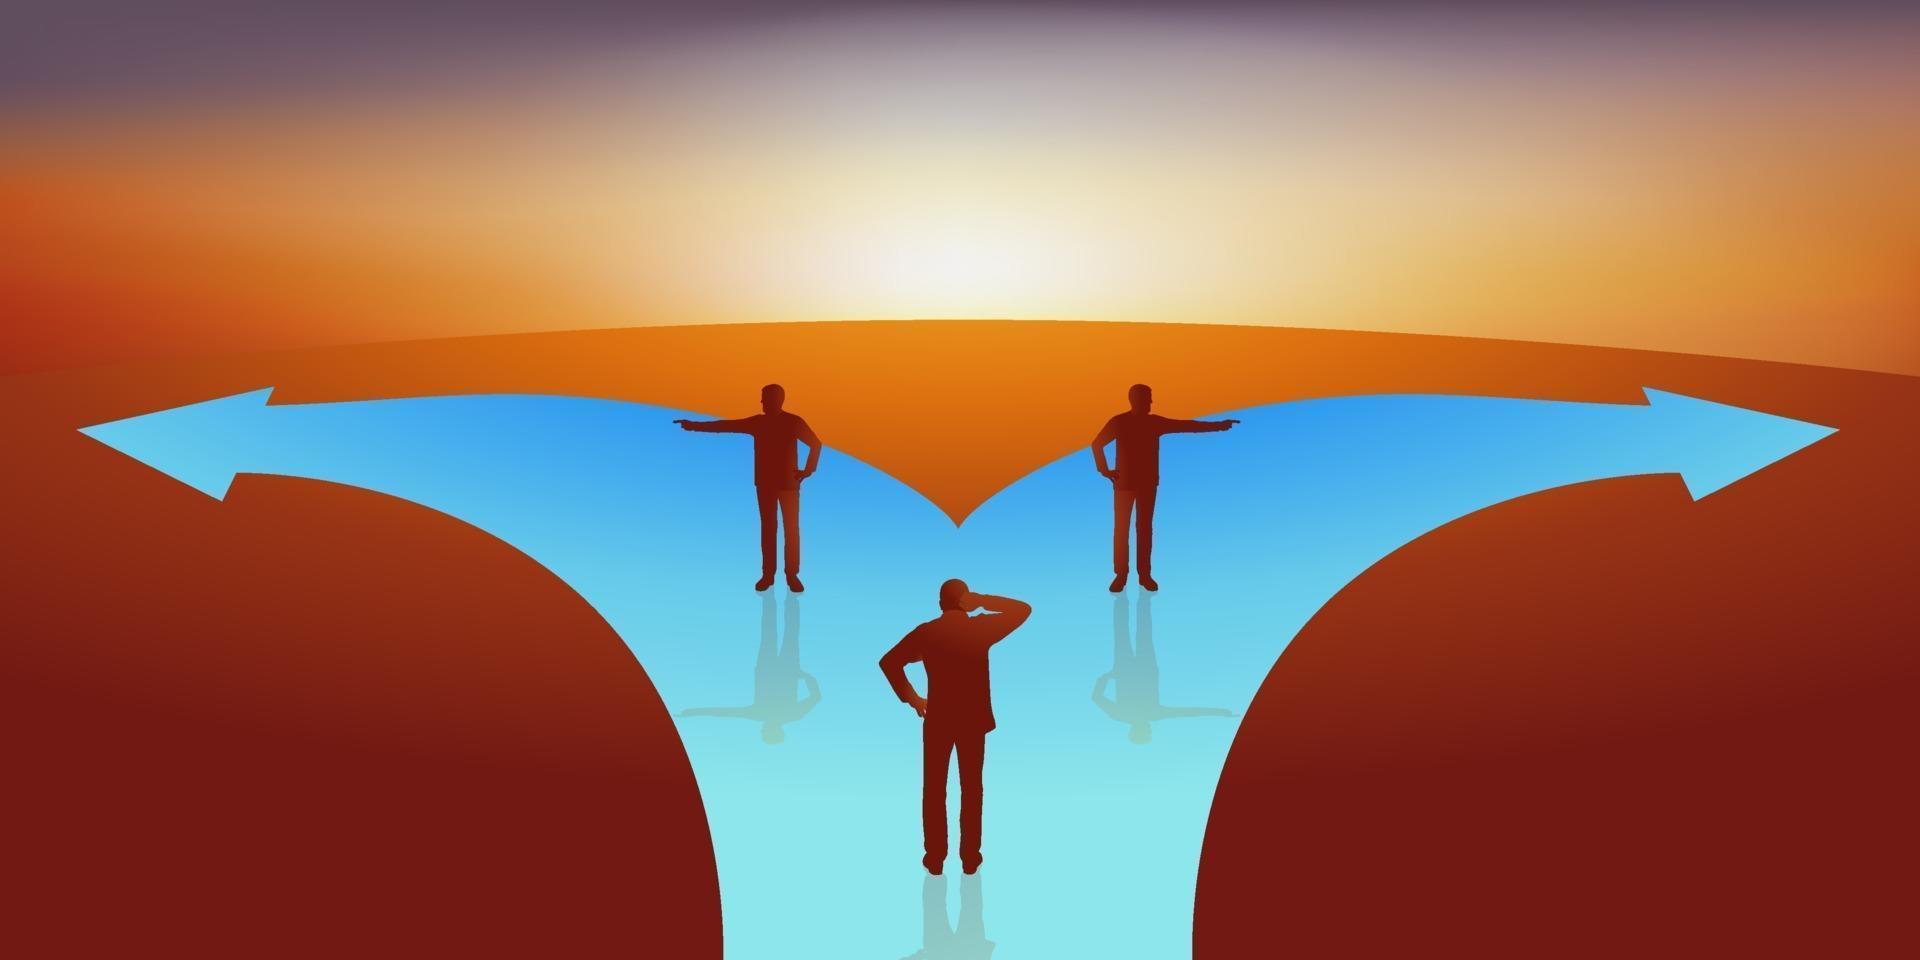 um homem tem que escolher entre duas direções vetor